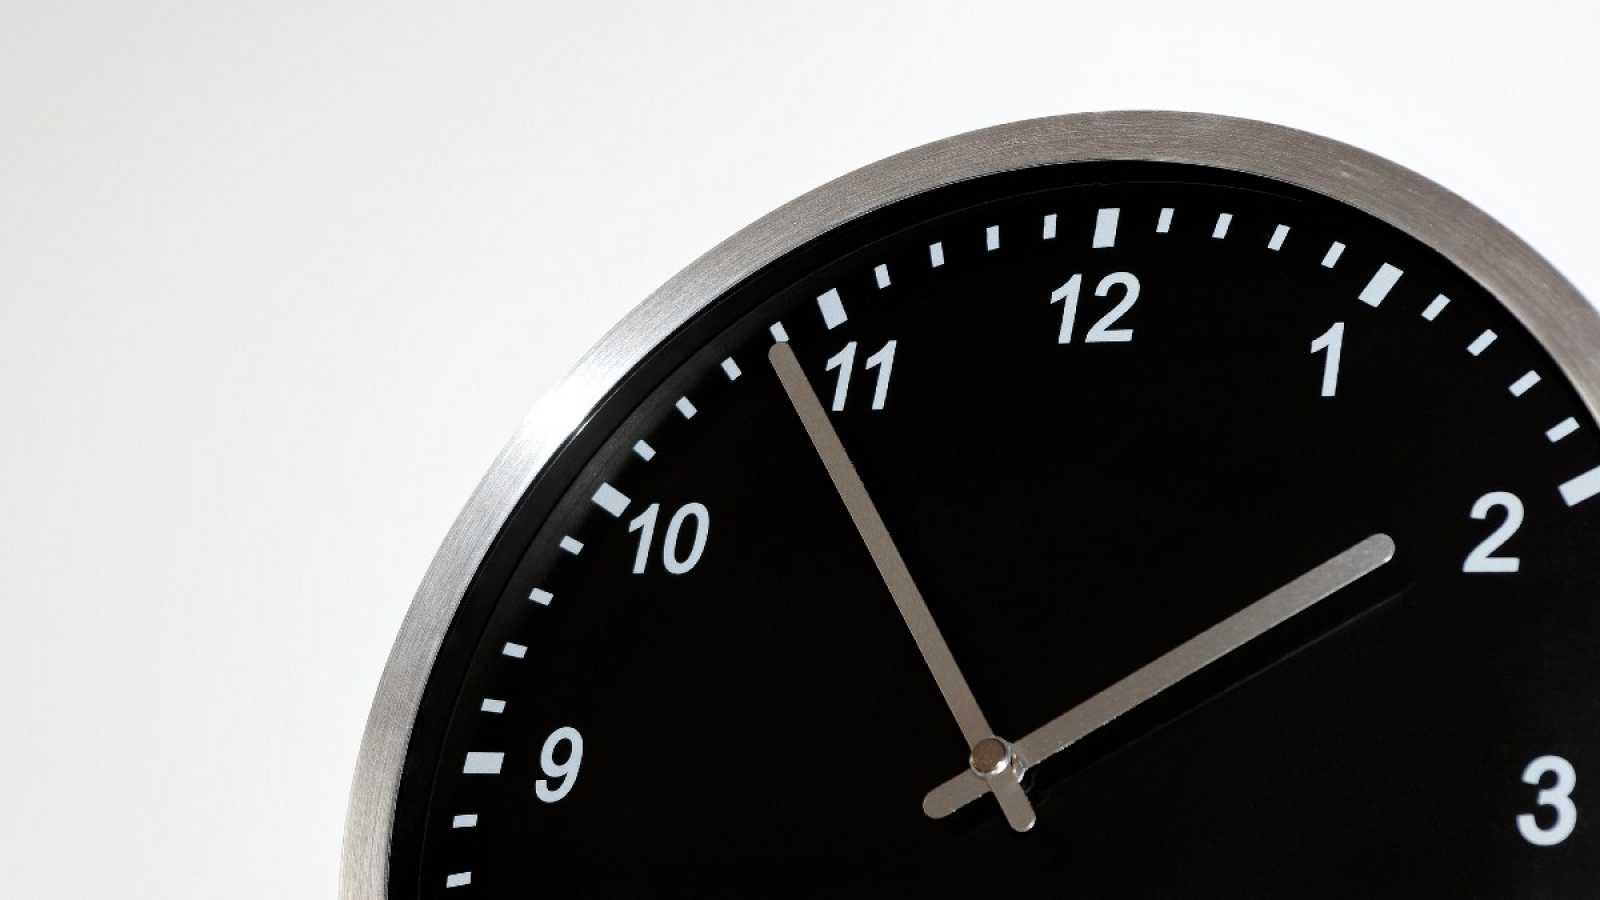 Este domingo se retrasa la hora para entrar en el horario de invierno